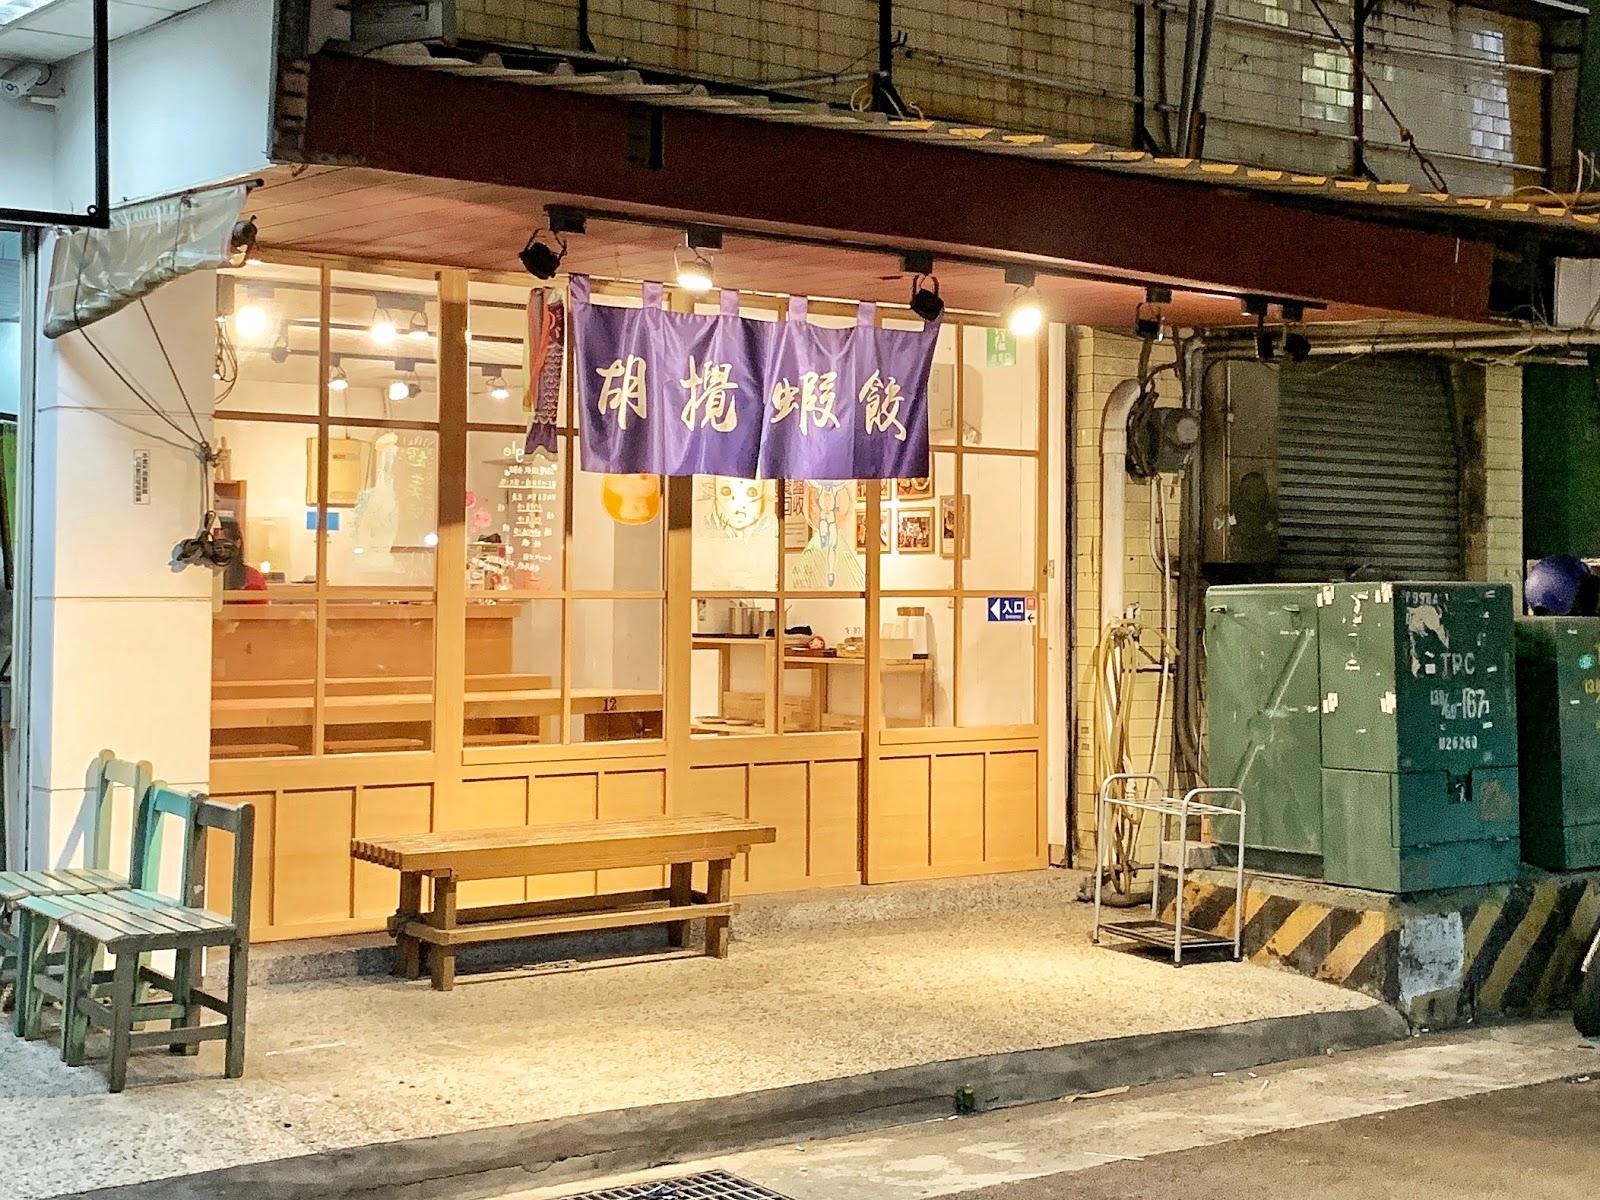 台南南區美食【胡攪蝦餃 金華店】店外環境